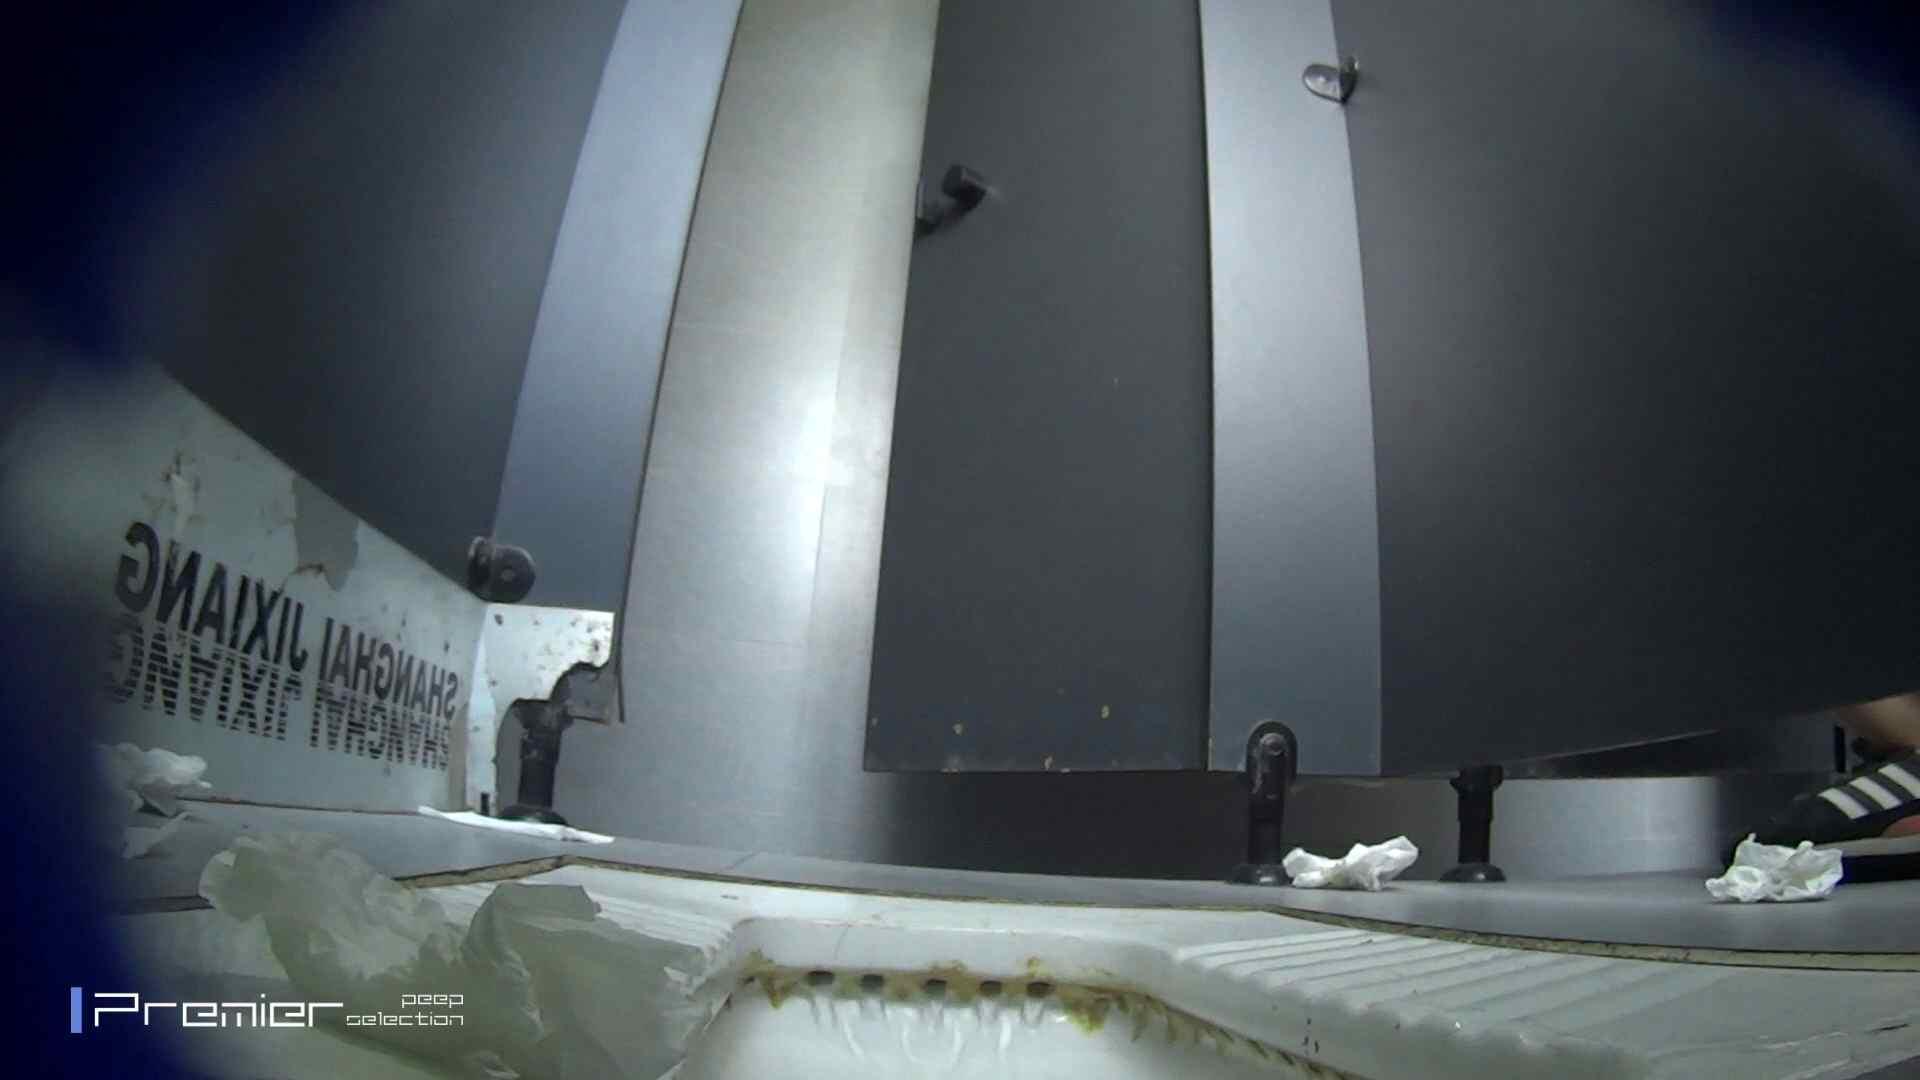 スキニージーンズの美女 大学休憩時間の洗面所事情56 高画質動画 セックス画像 17画像 7